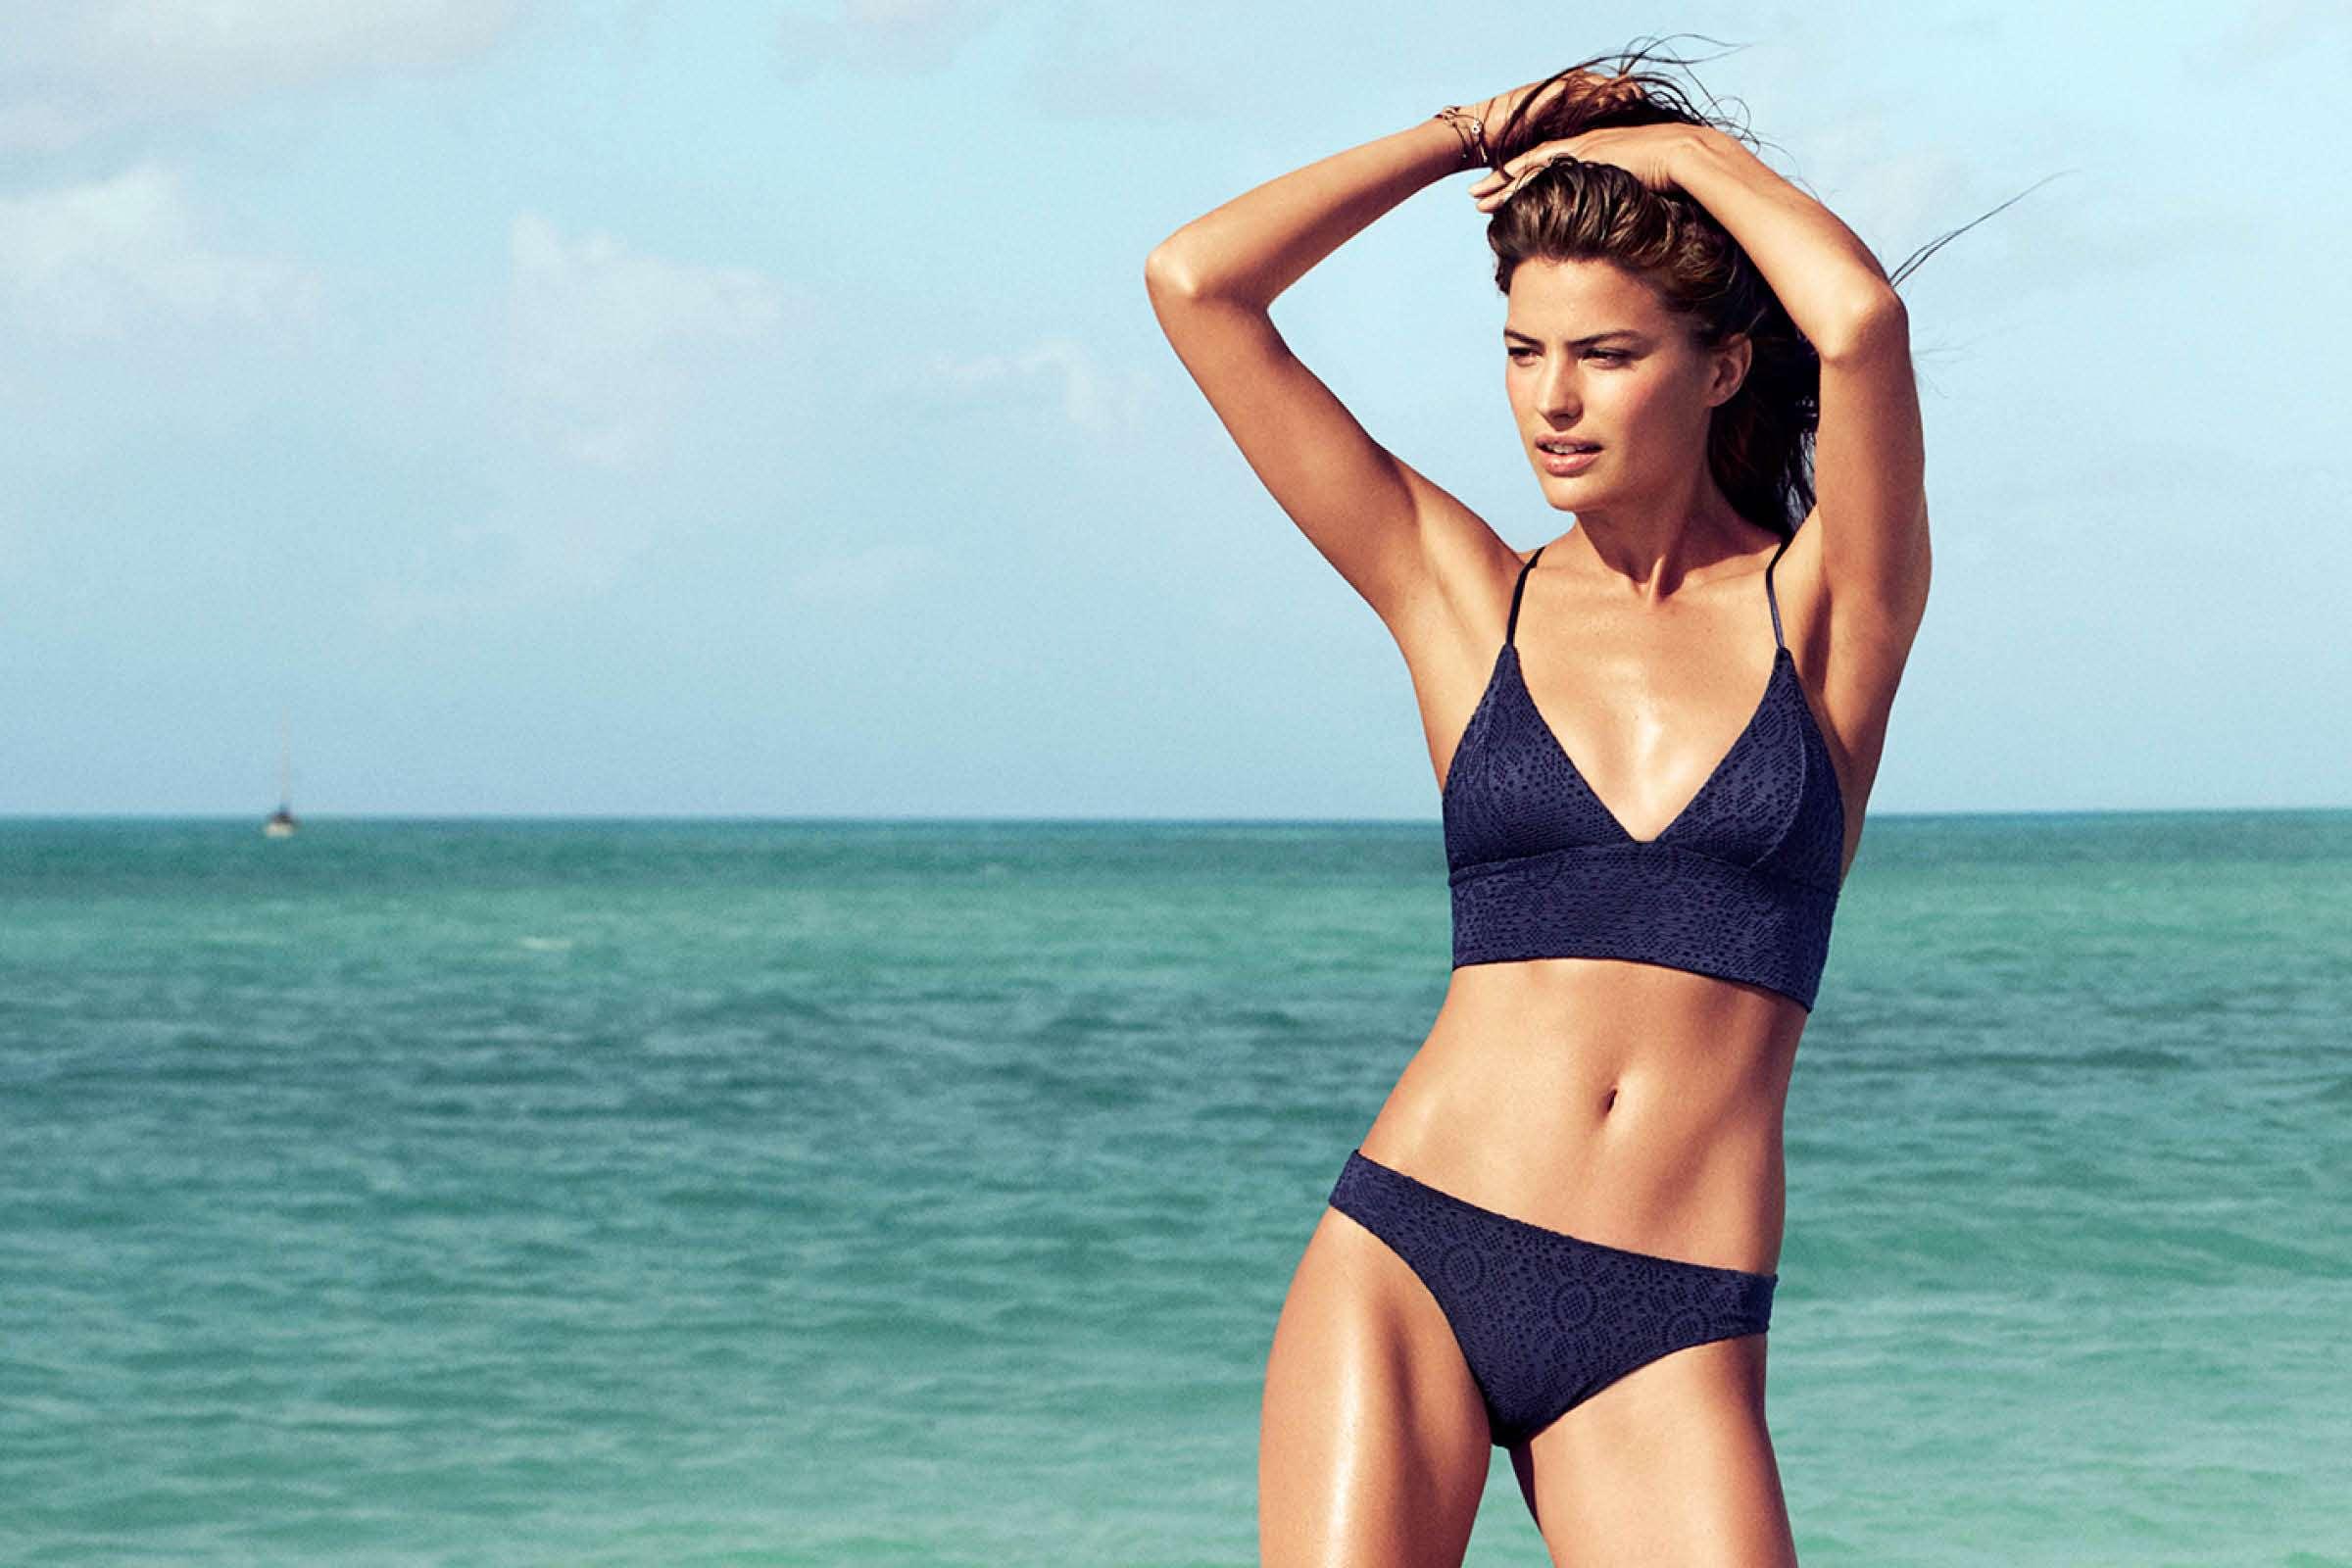 #HM купальники - новые модели